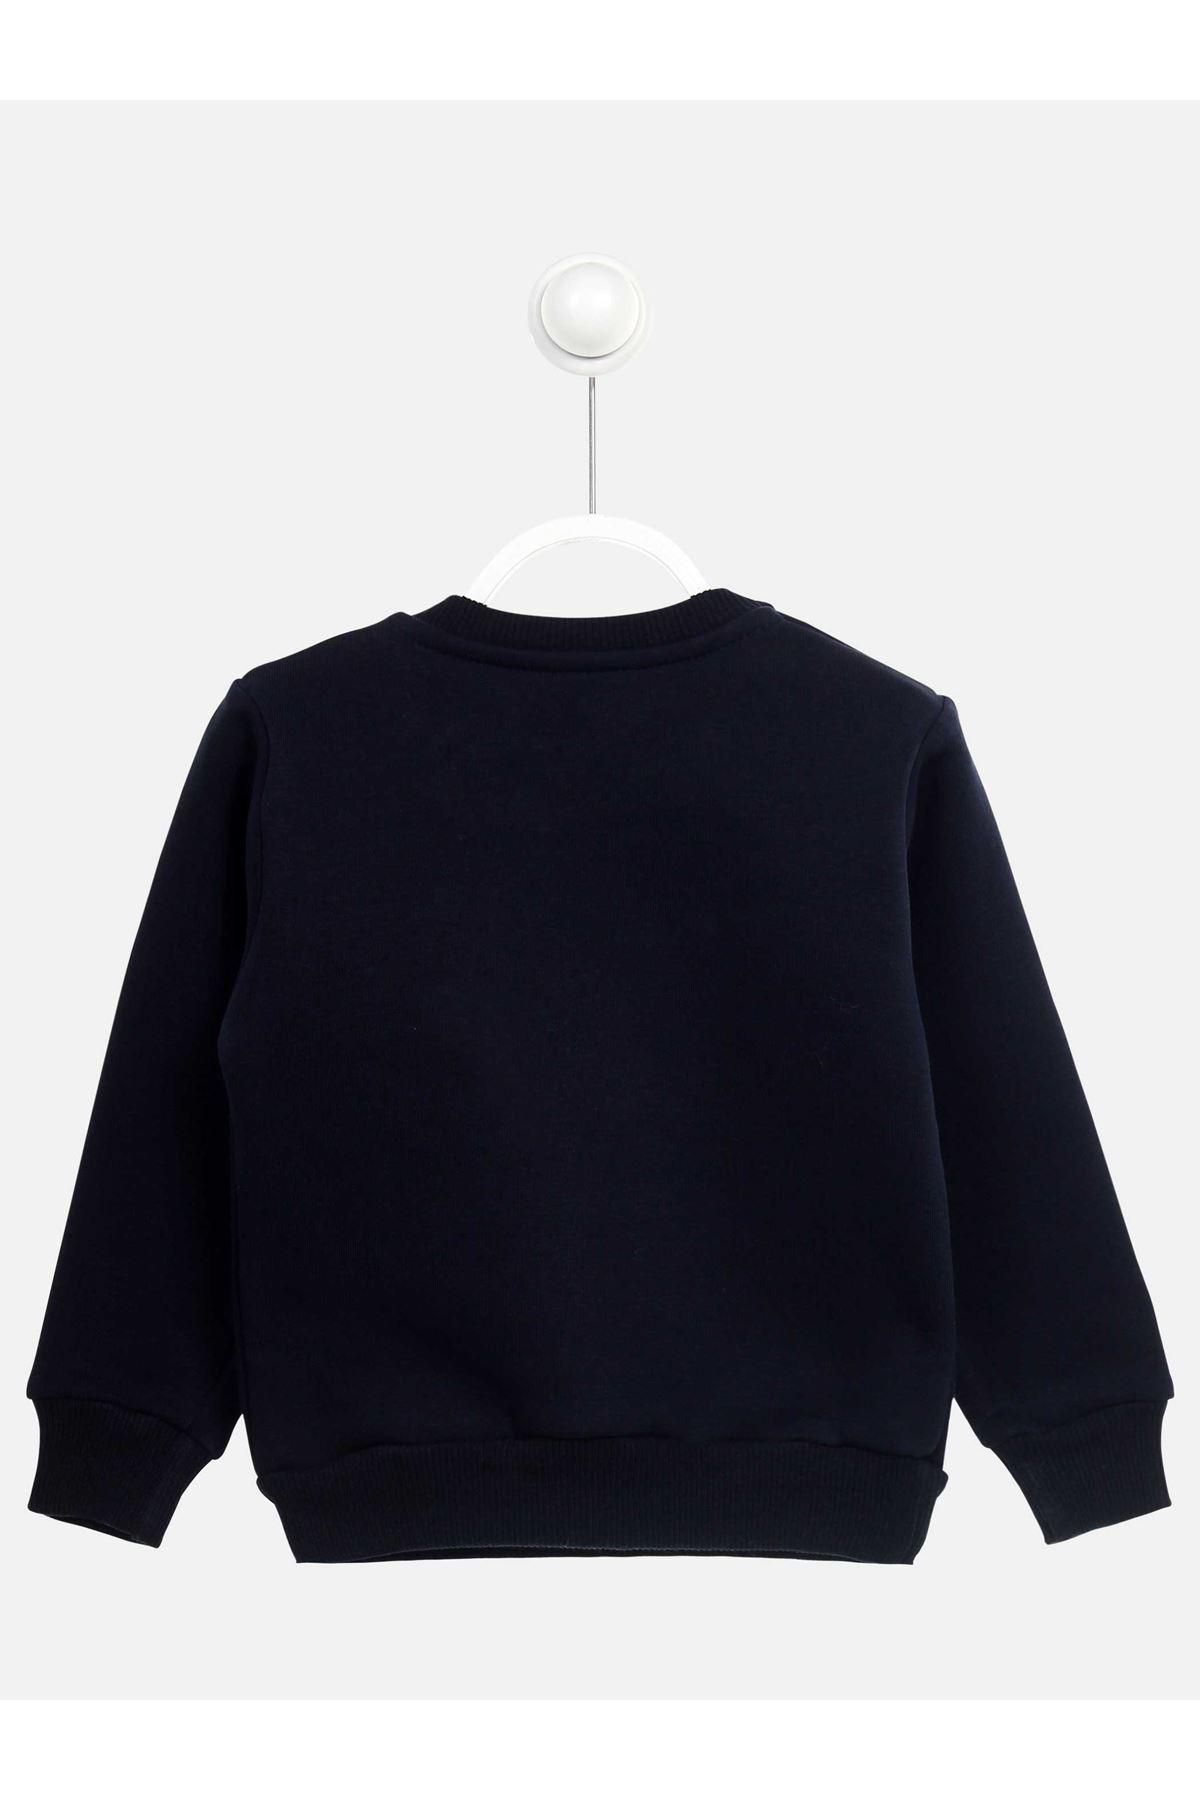 Koyu Lacivert Kışlık Kız Çocuk Sweatshirt